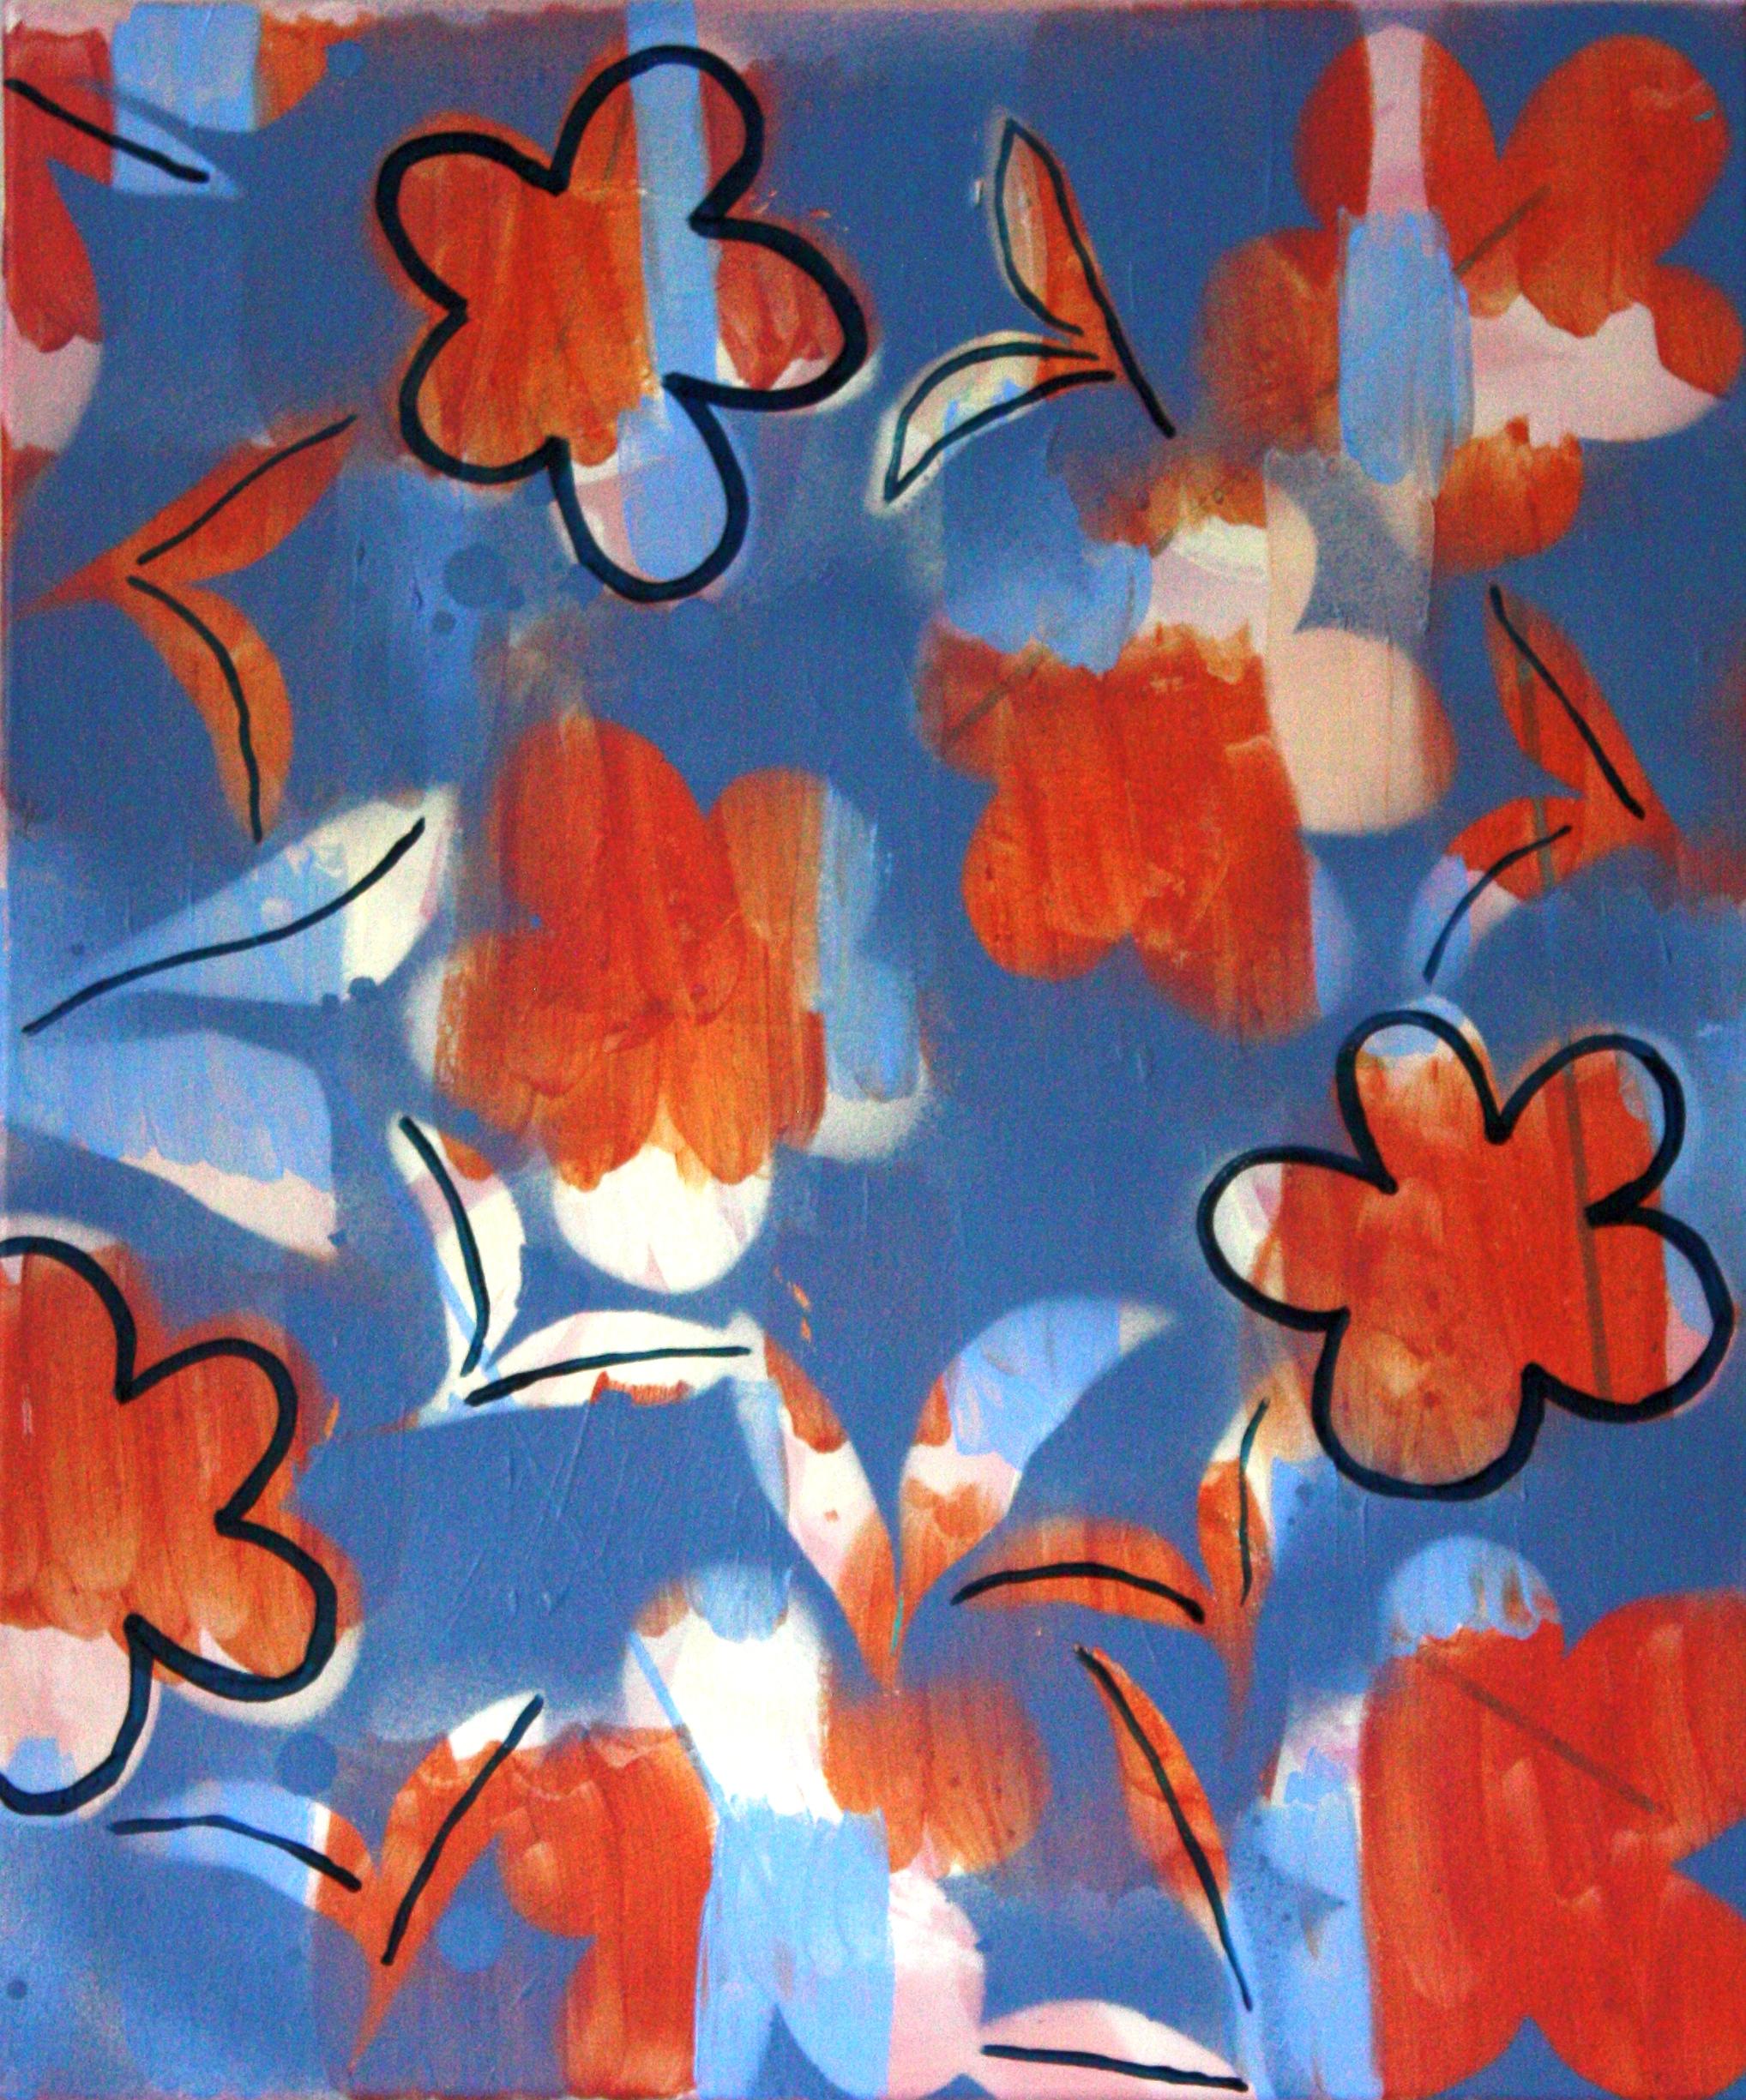 Blossom, 55 x 45cm, acrylic on canvas, 2019